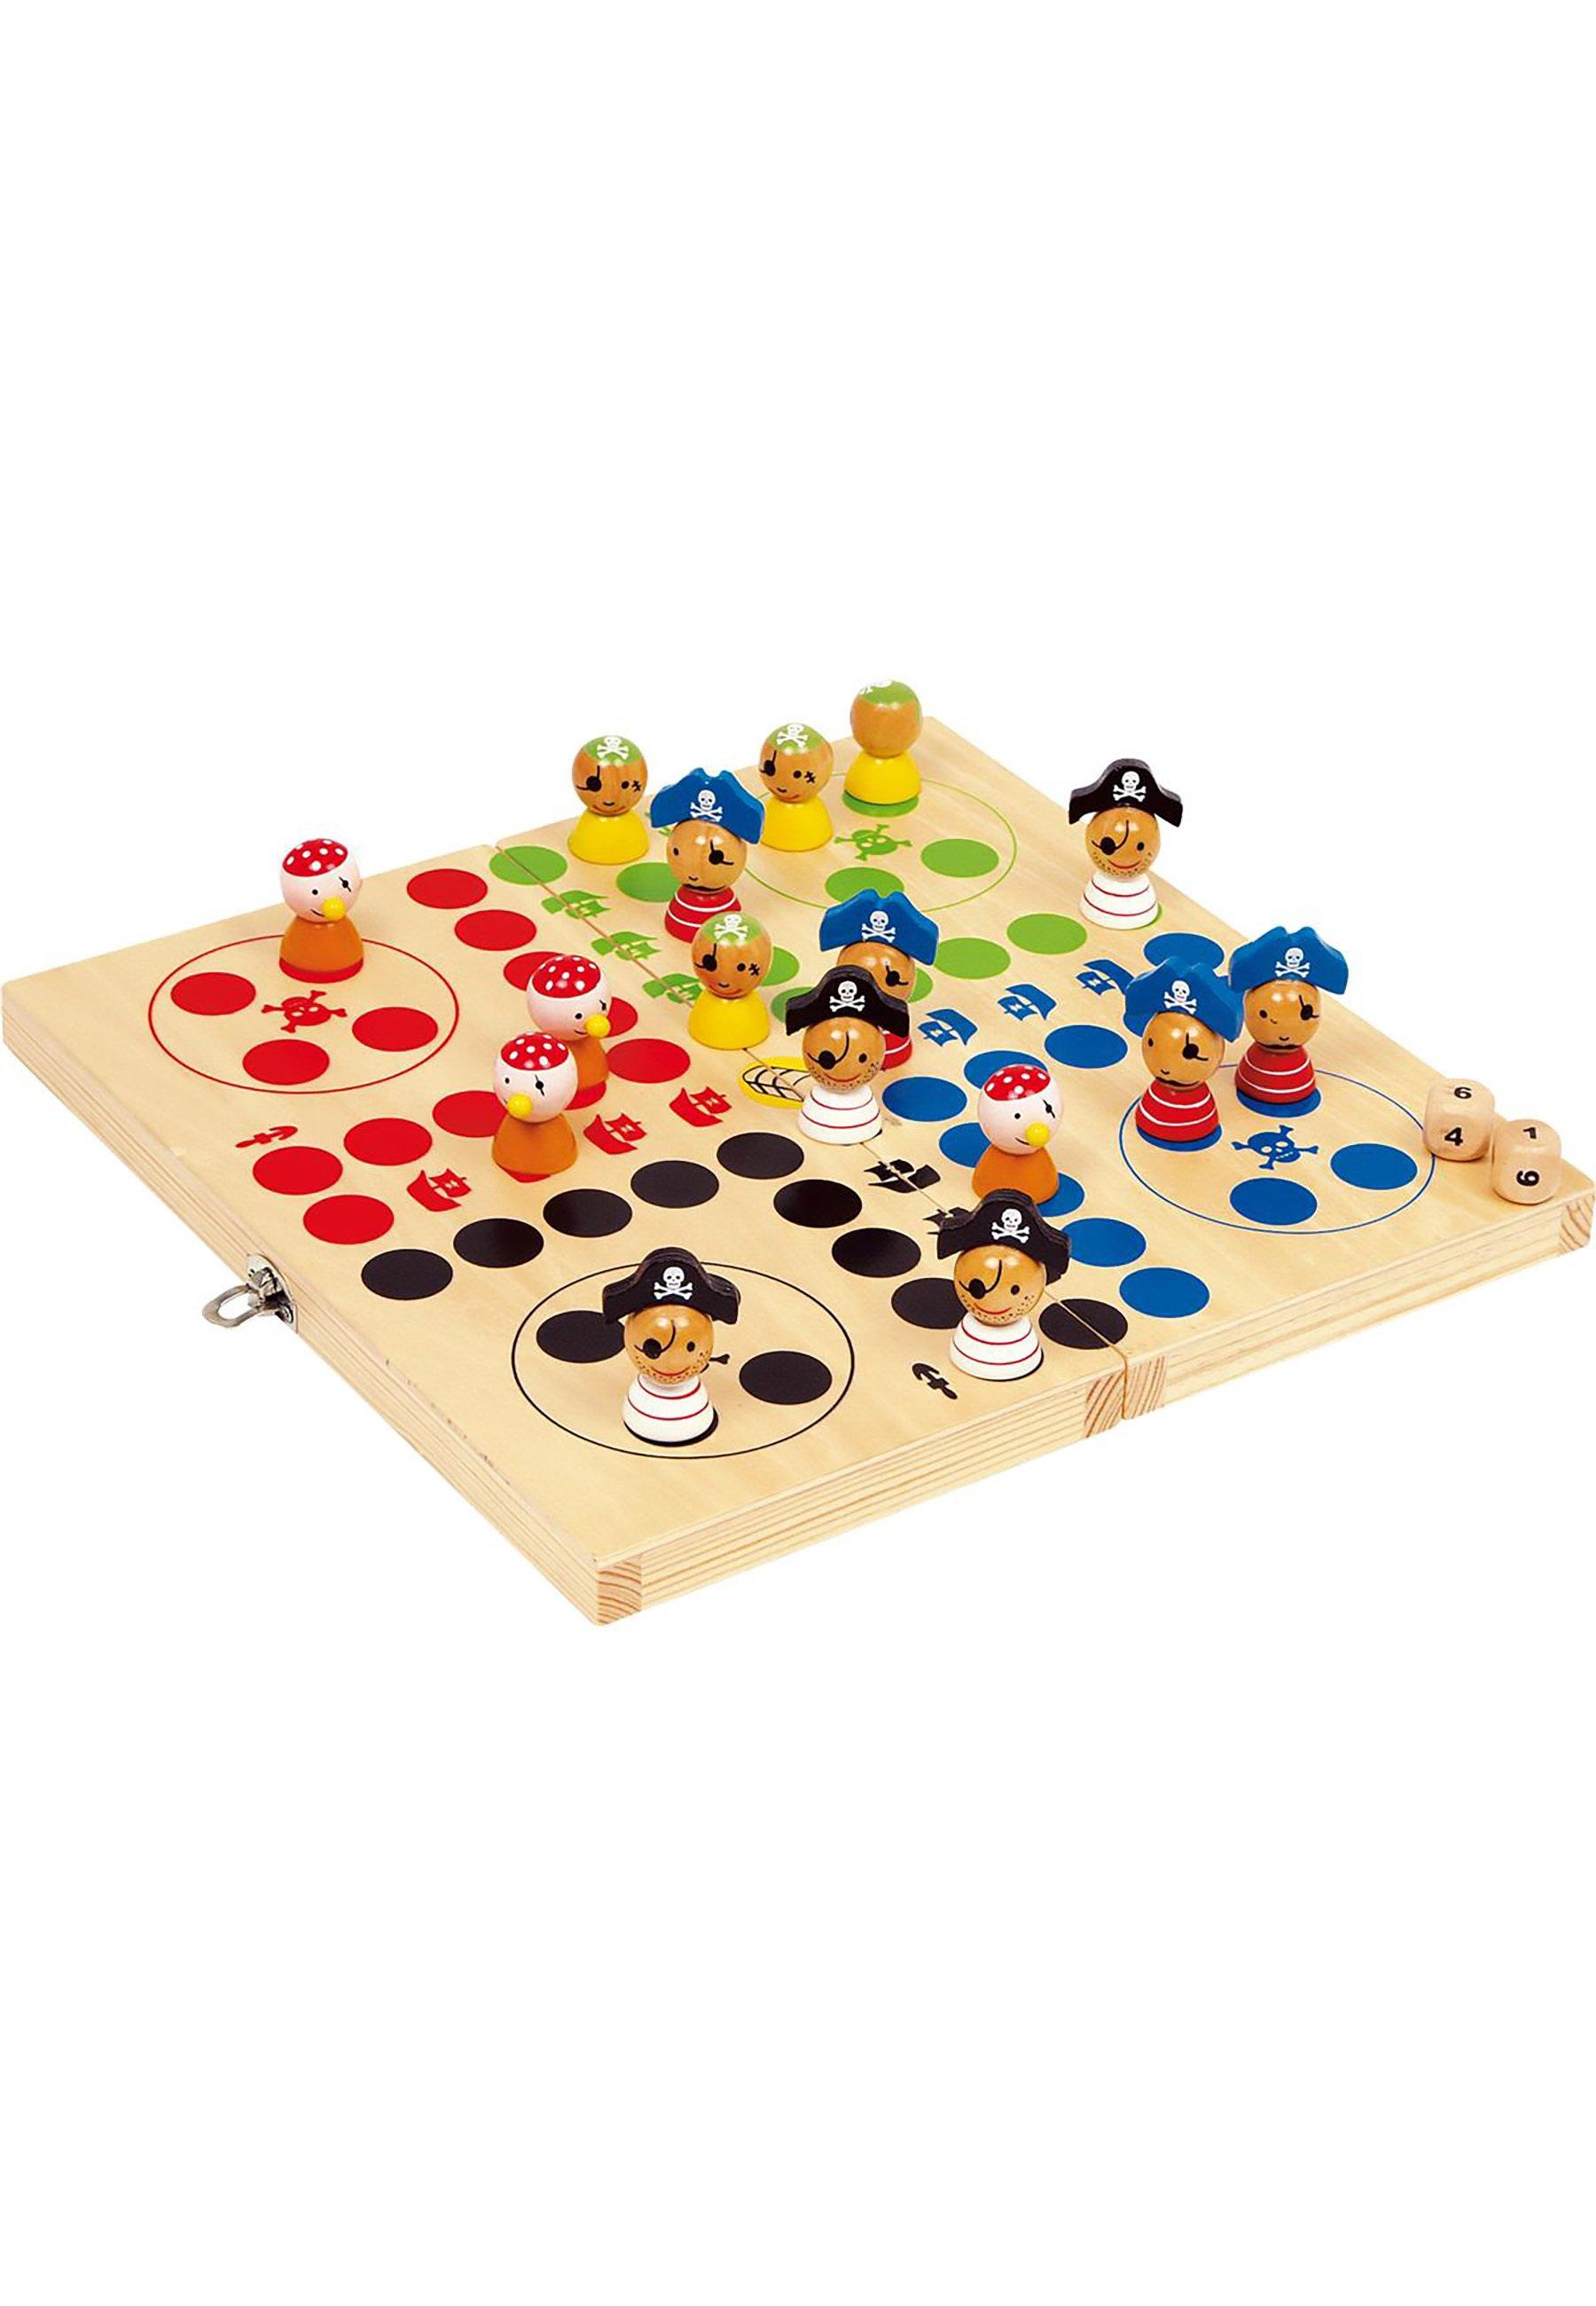 Kinder LUDO PIRATENINSEL - Brettspiel